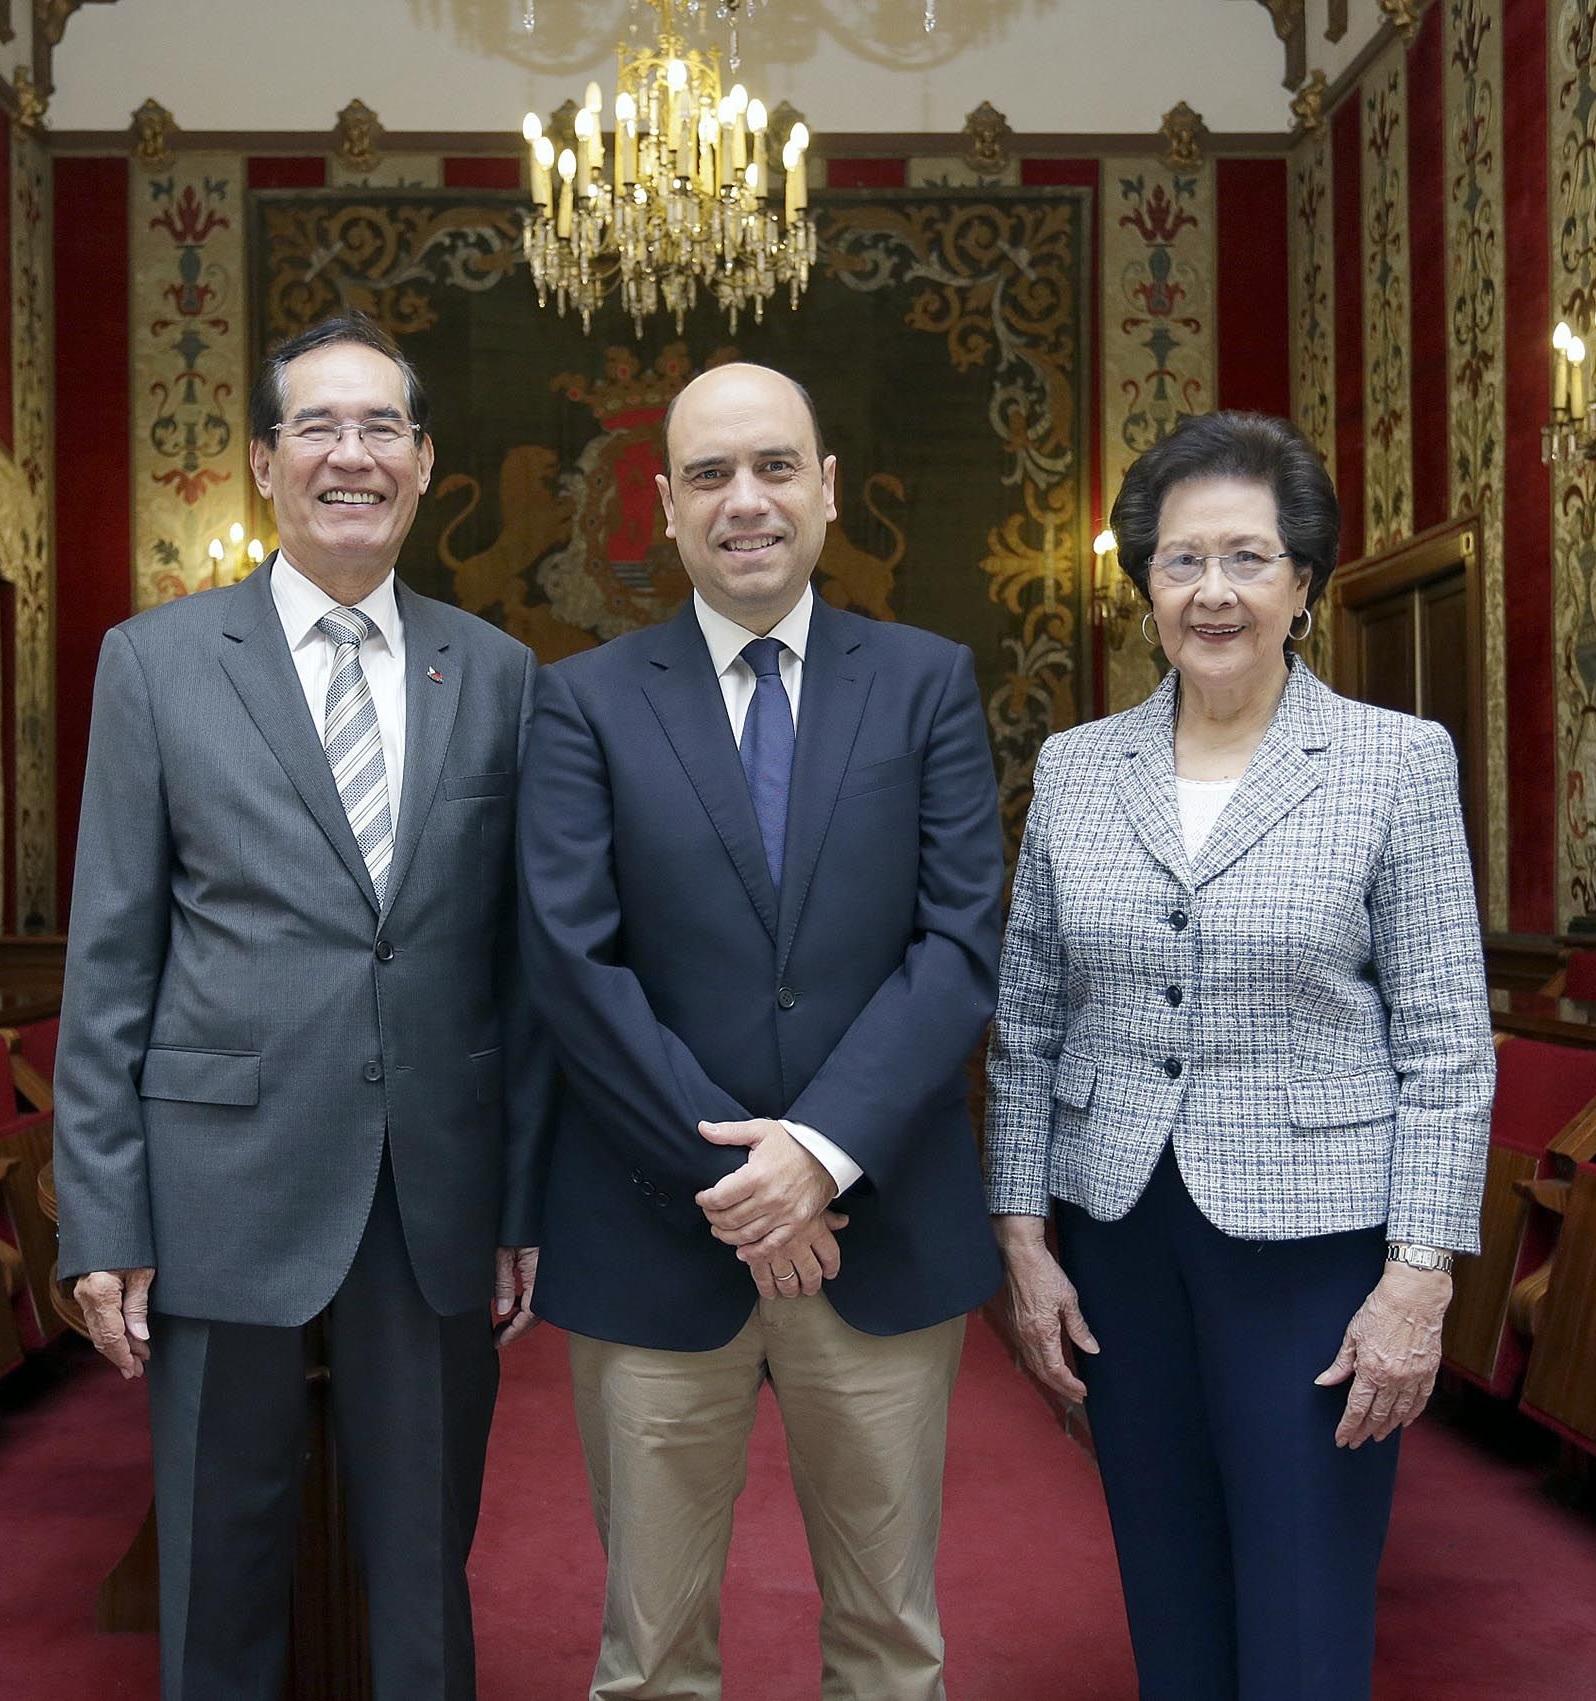 Photo courtesy of the Ayuntamiento de Alicante. L-R. Ambassador Carlos C. Salinas, Mayor Gabriel Echavarrí, and Mrs. Isabelita T. Salinas.